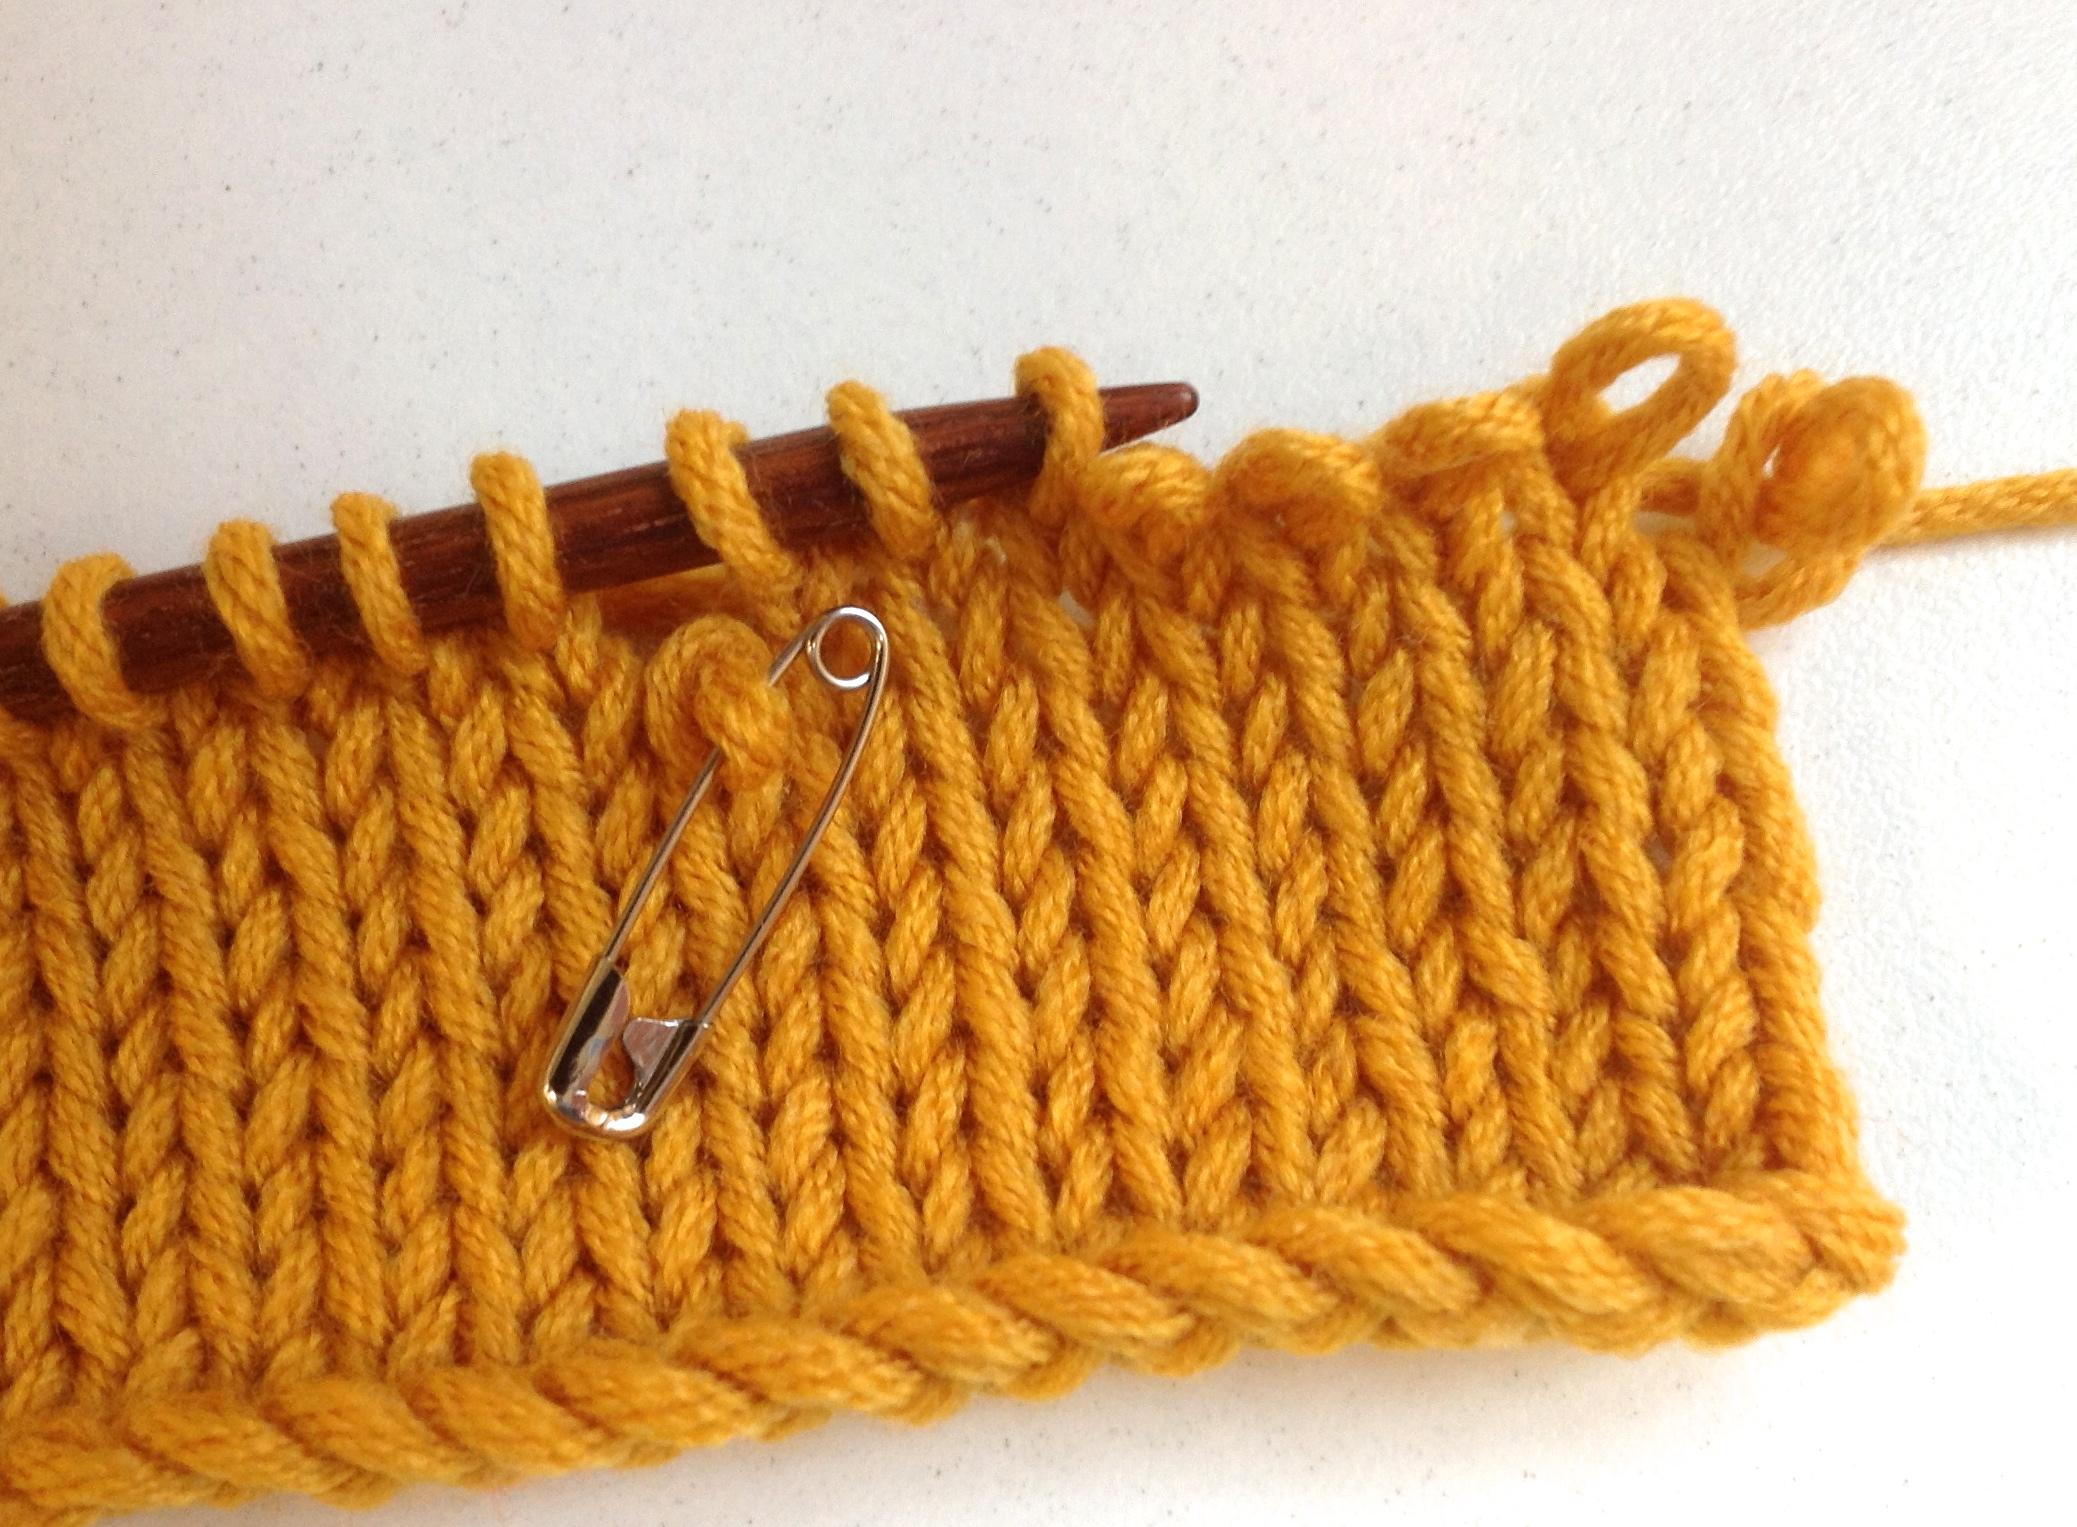 Knitting Stitches That Wonot Curl : Knitting Stitches - Knitting, Crochet, Diy, Craft, Free Patterns - Knitting, ...